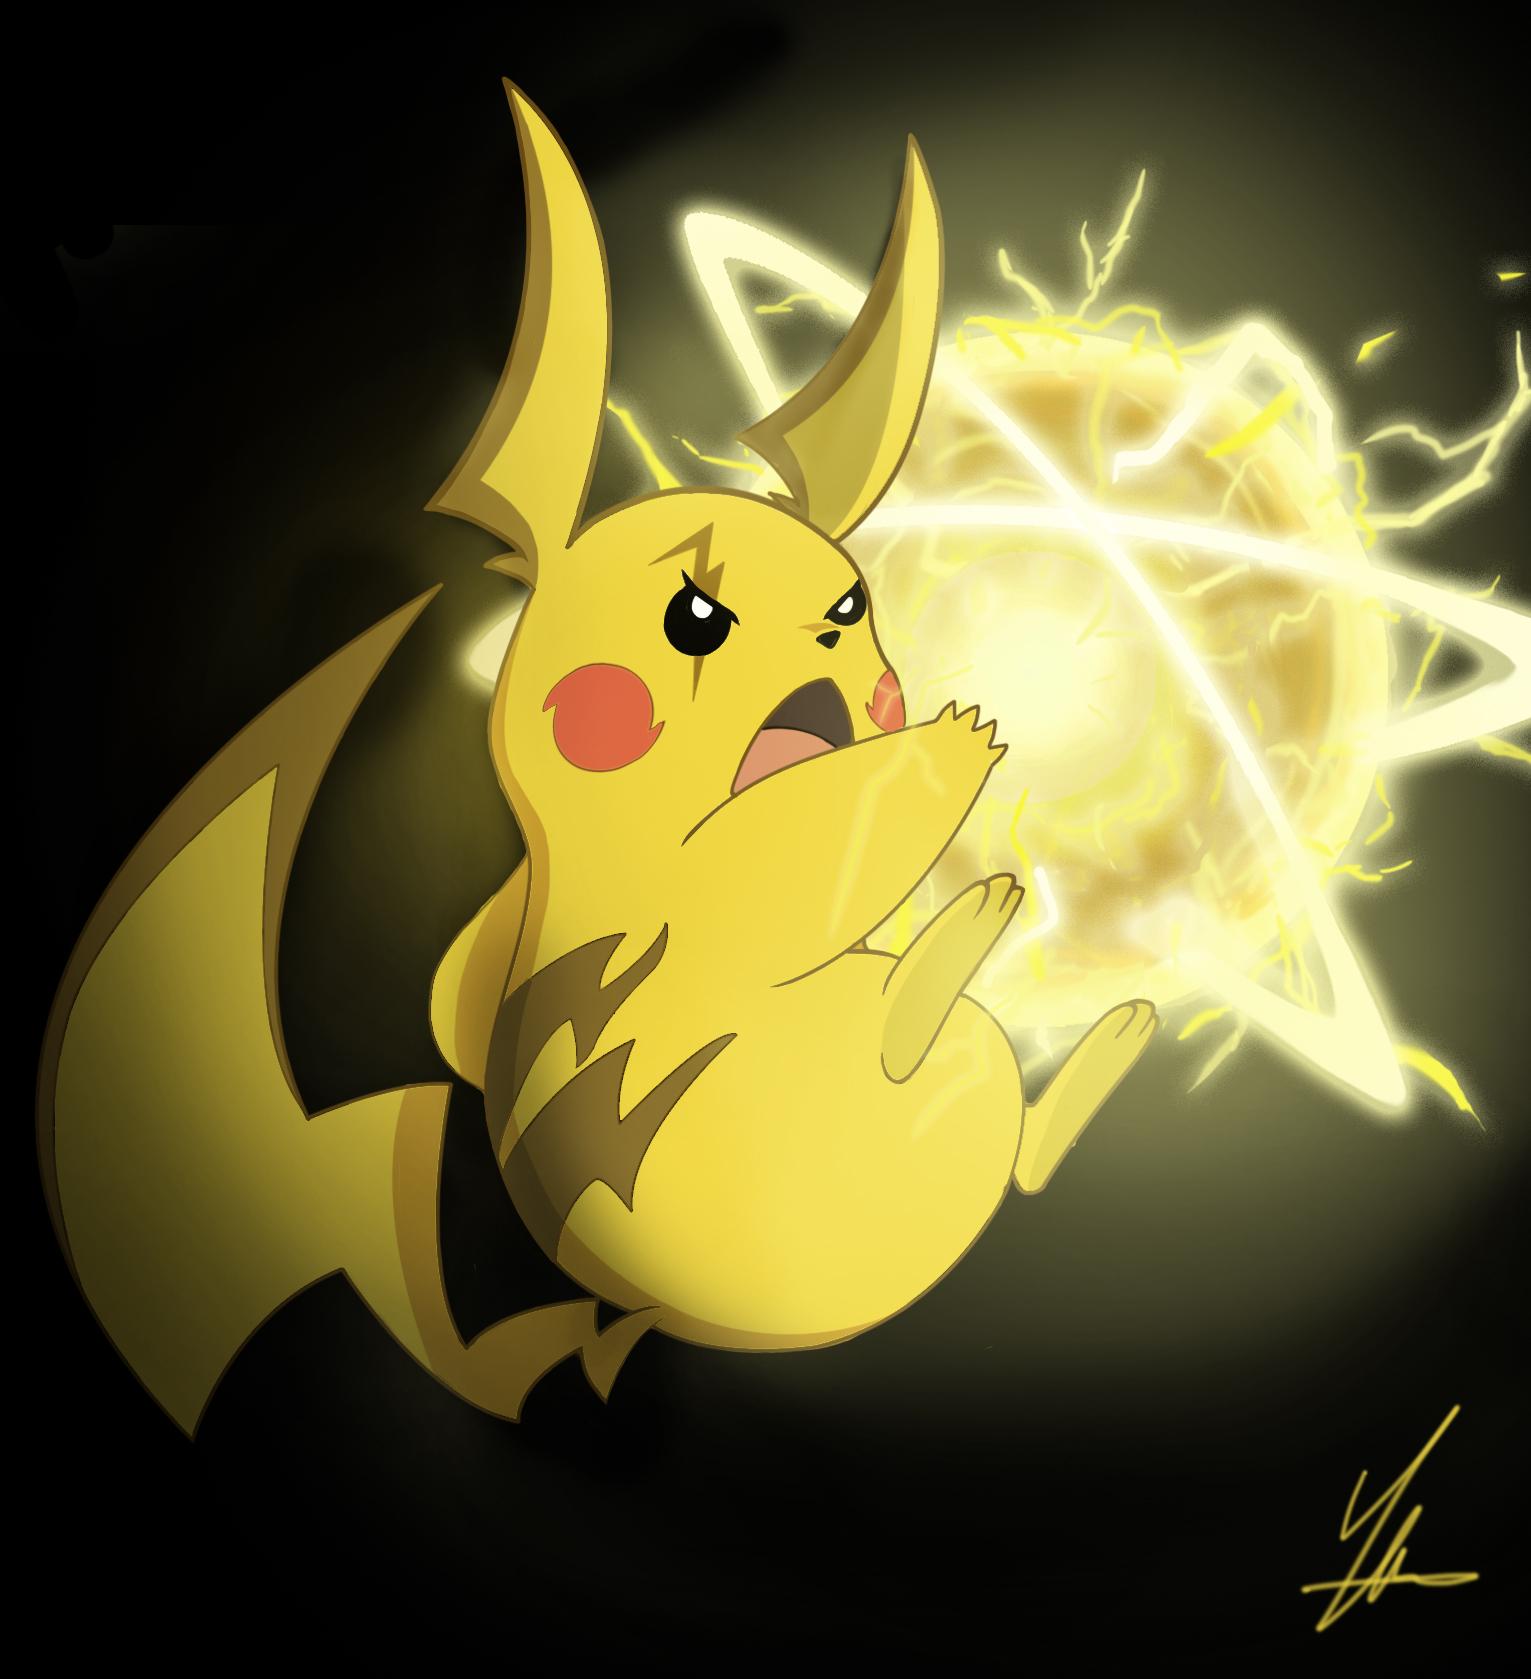 Pokemon dedenne 1000 images about dedenne on pinterest - Image Gallery Mega Pikachu